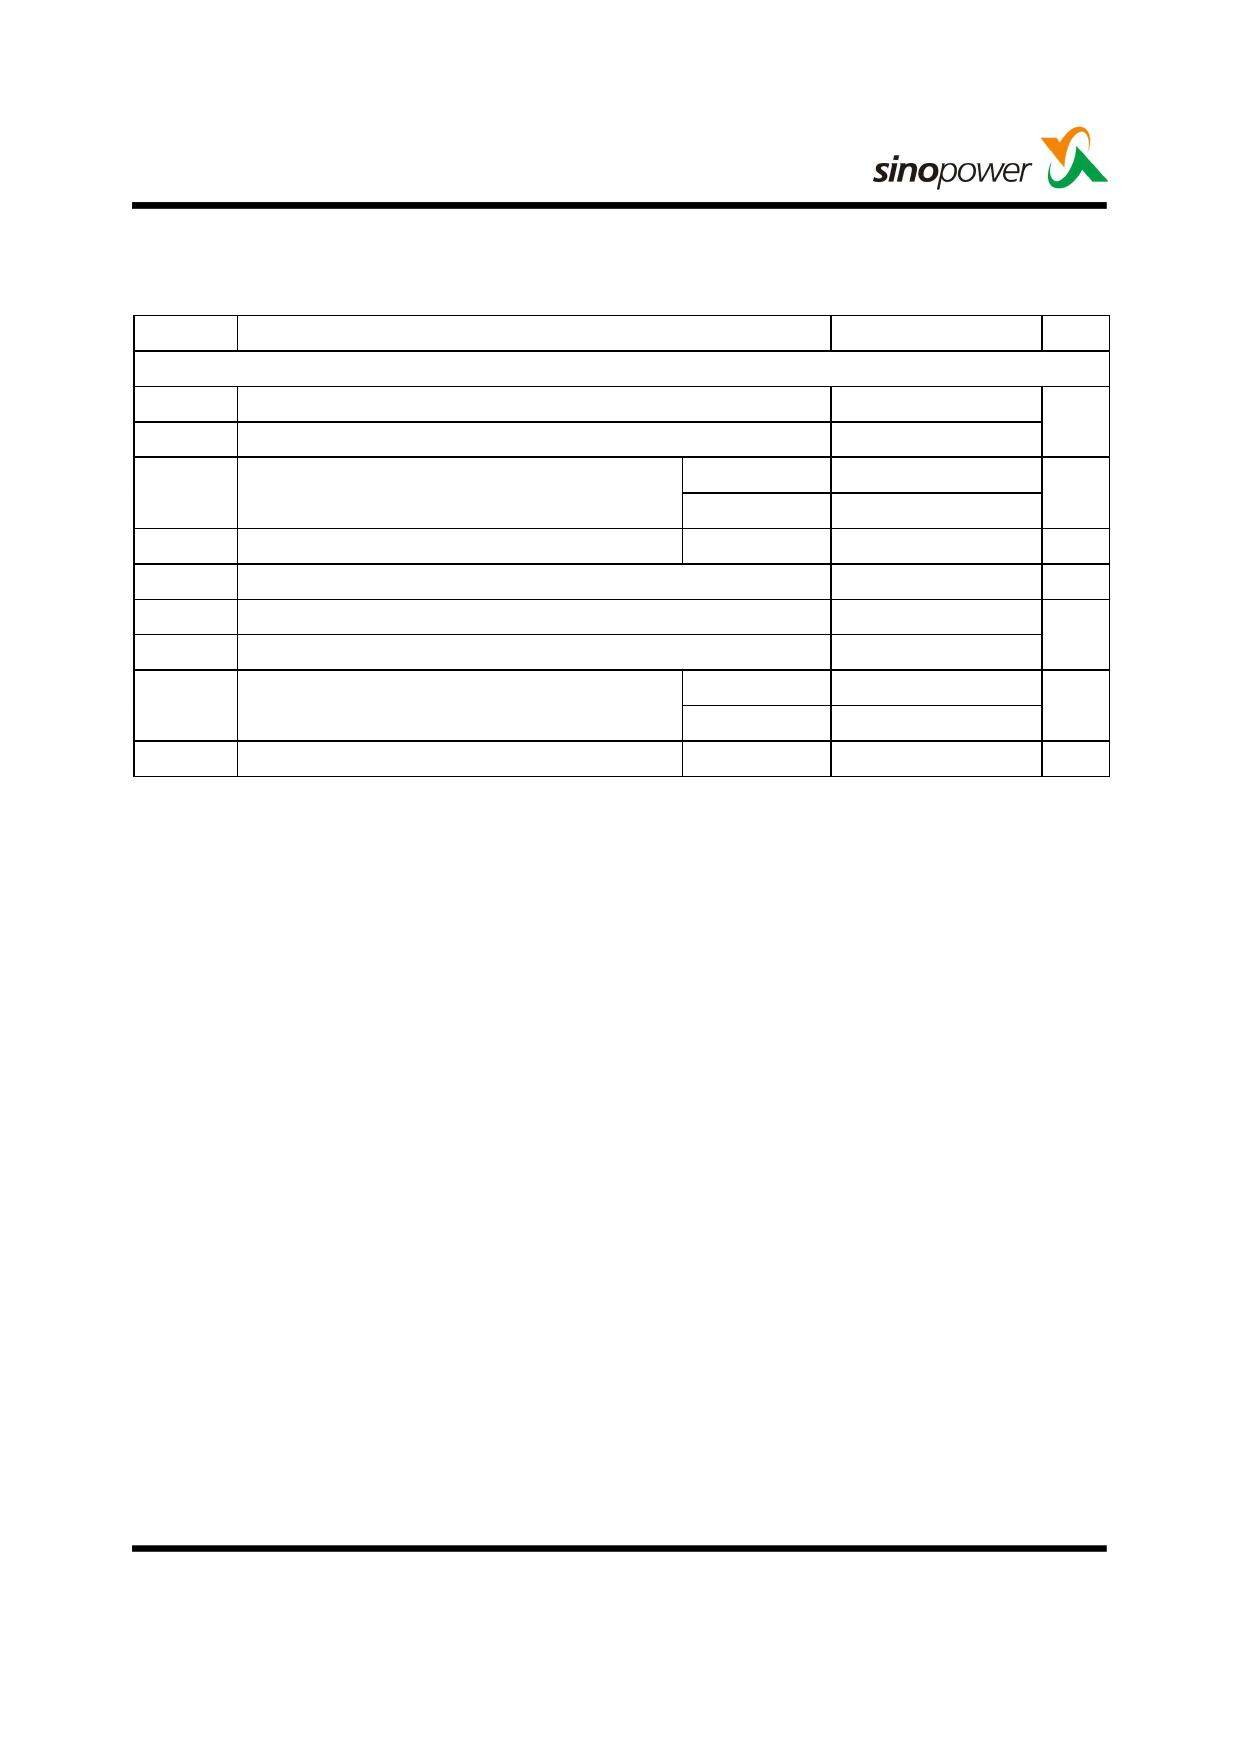 SM9993DSQG pdf